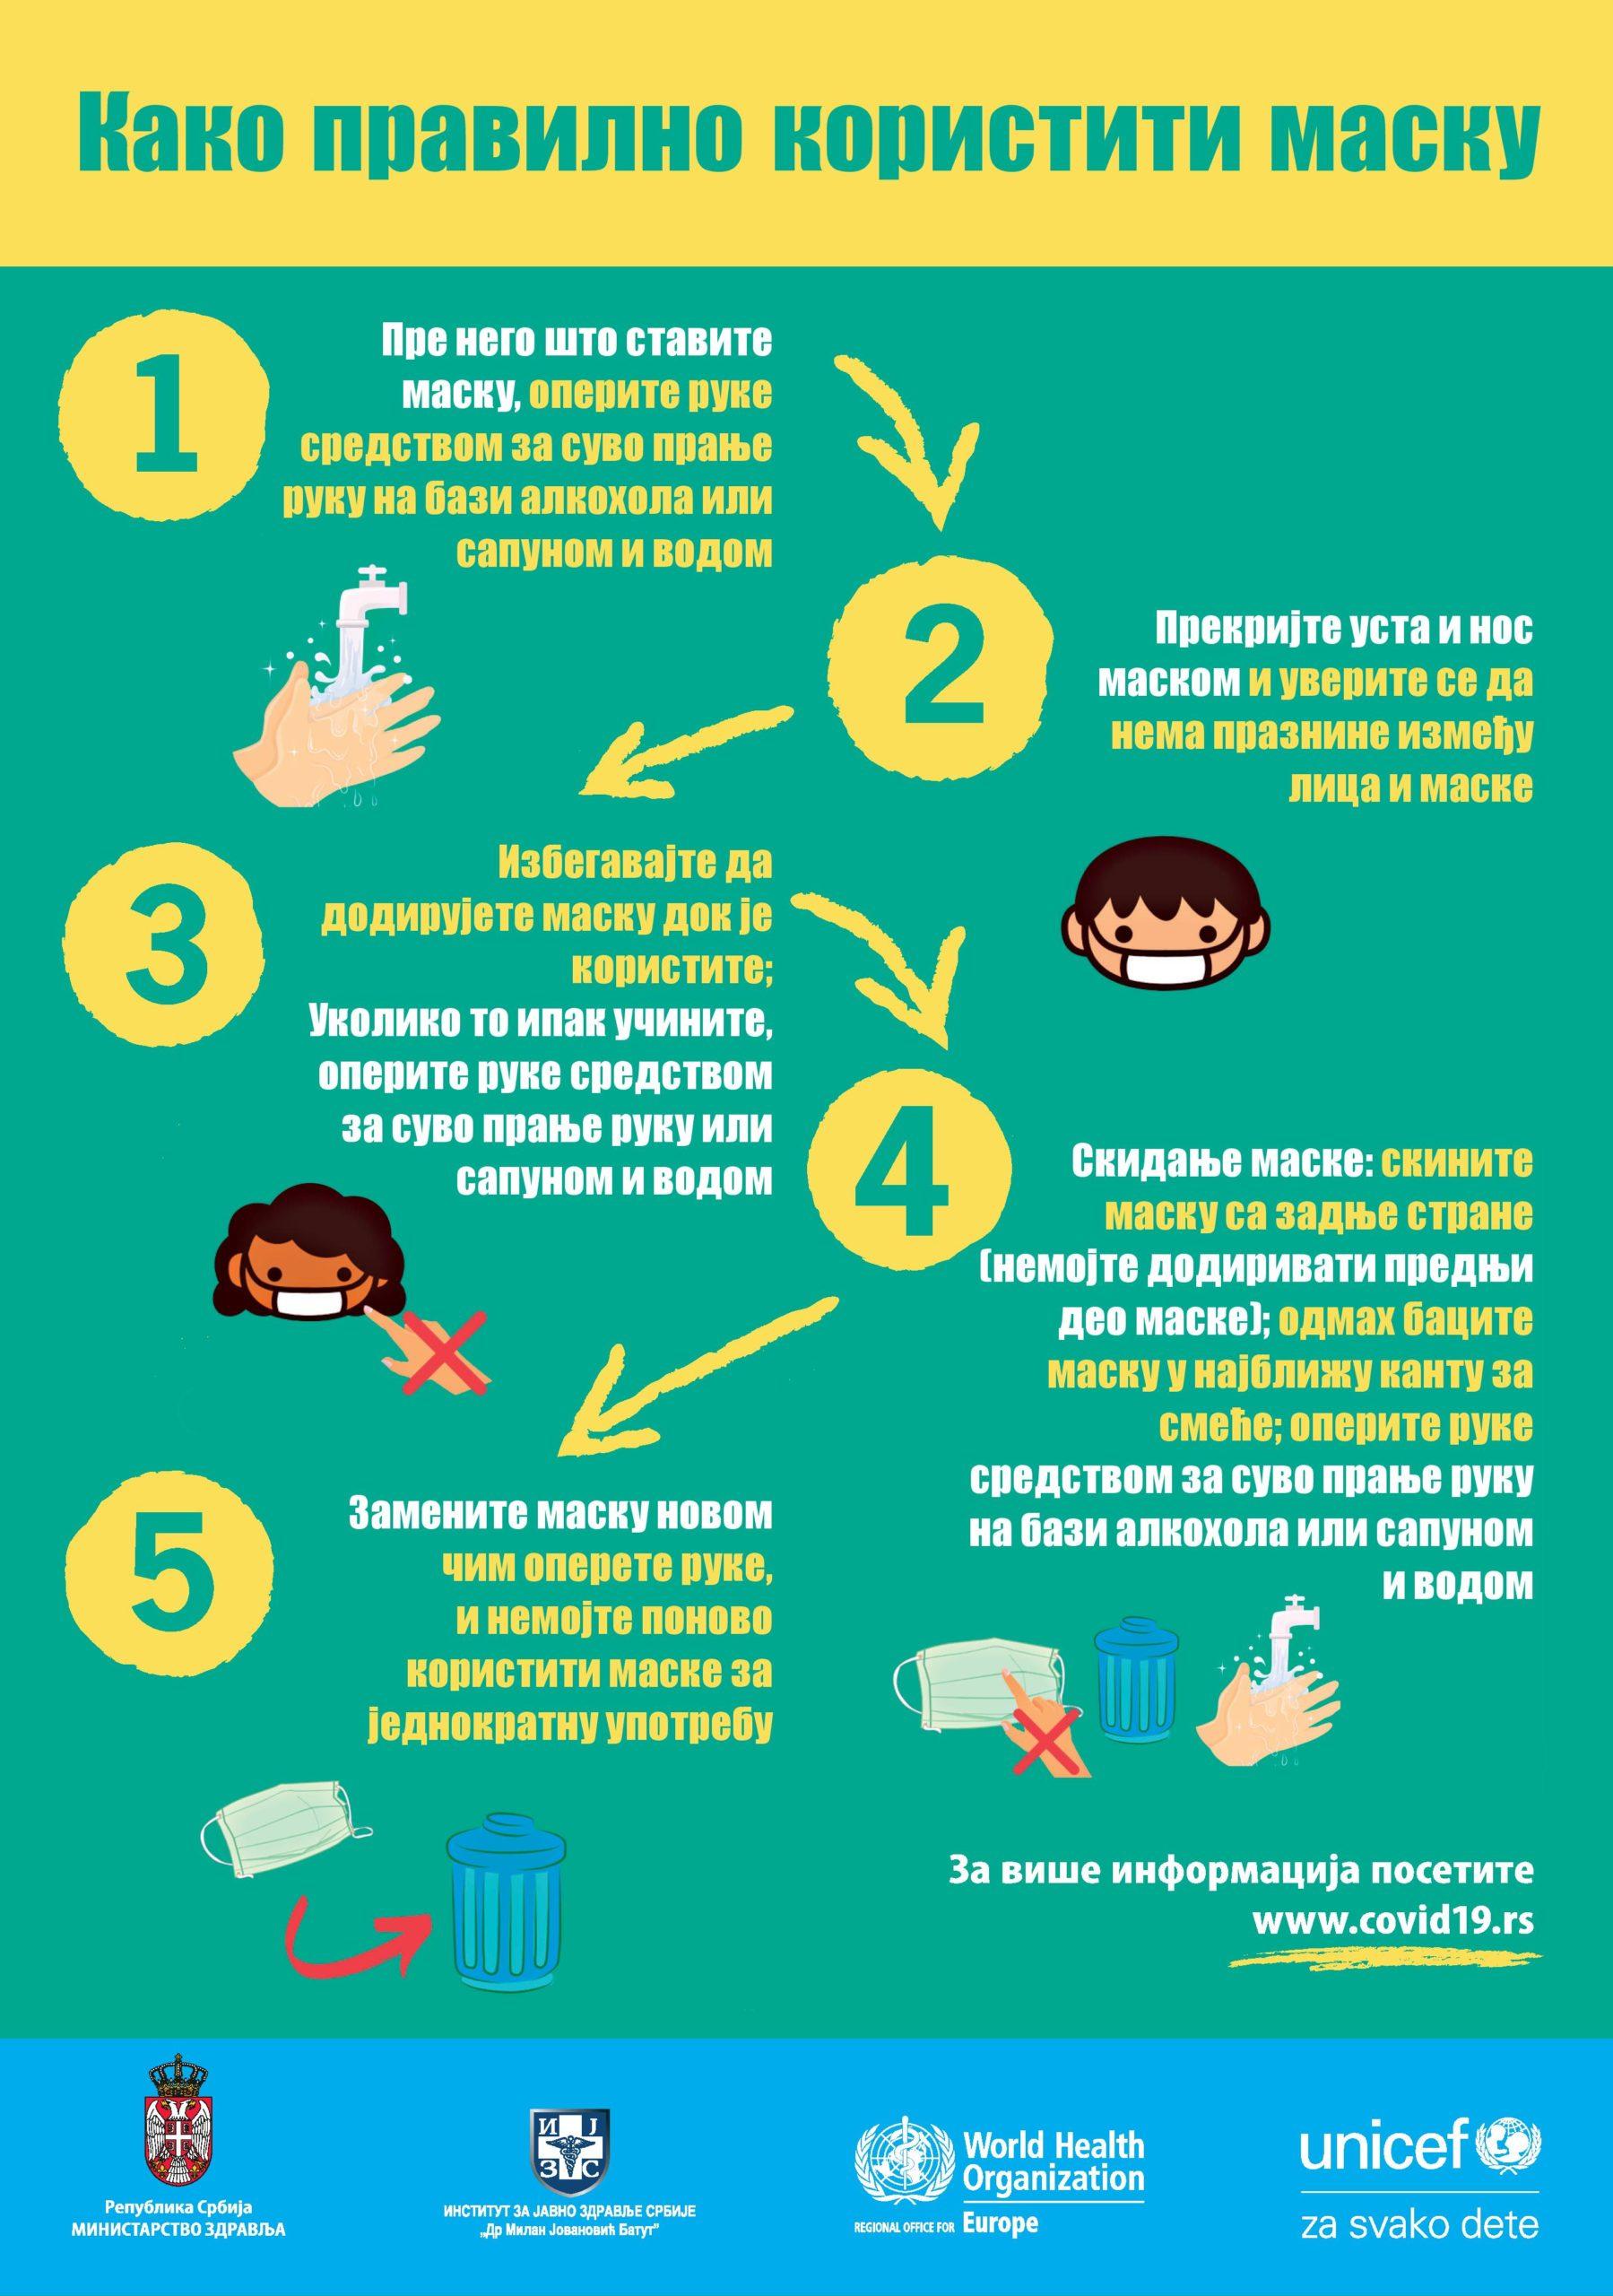 Правила понашања у школи током трајања епидемије COVID-19